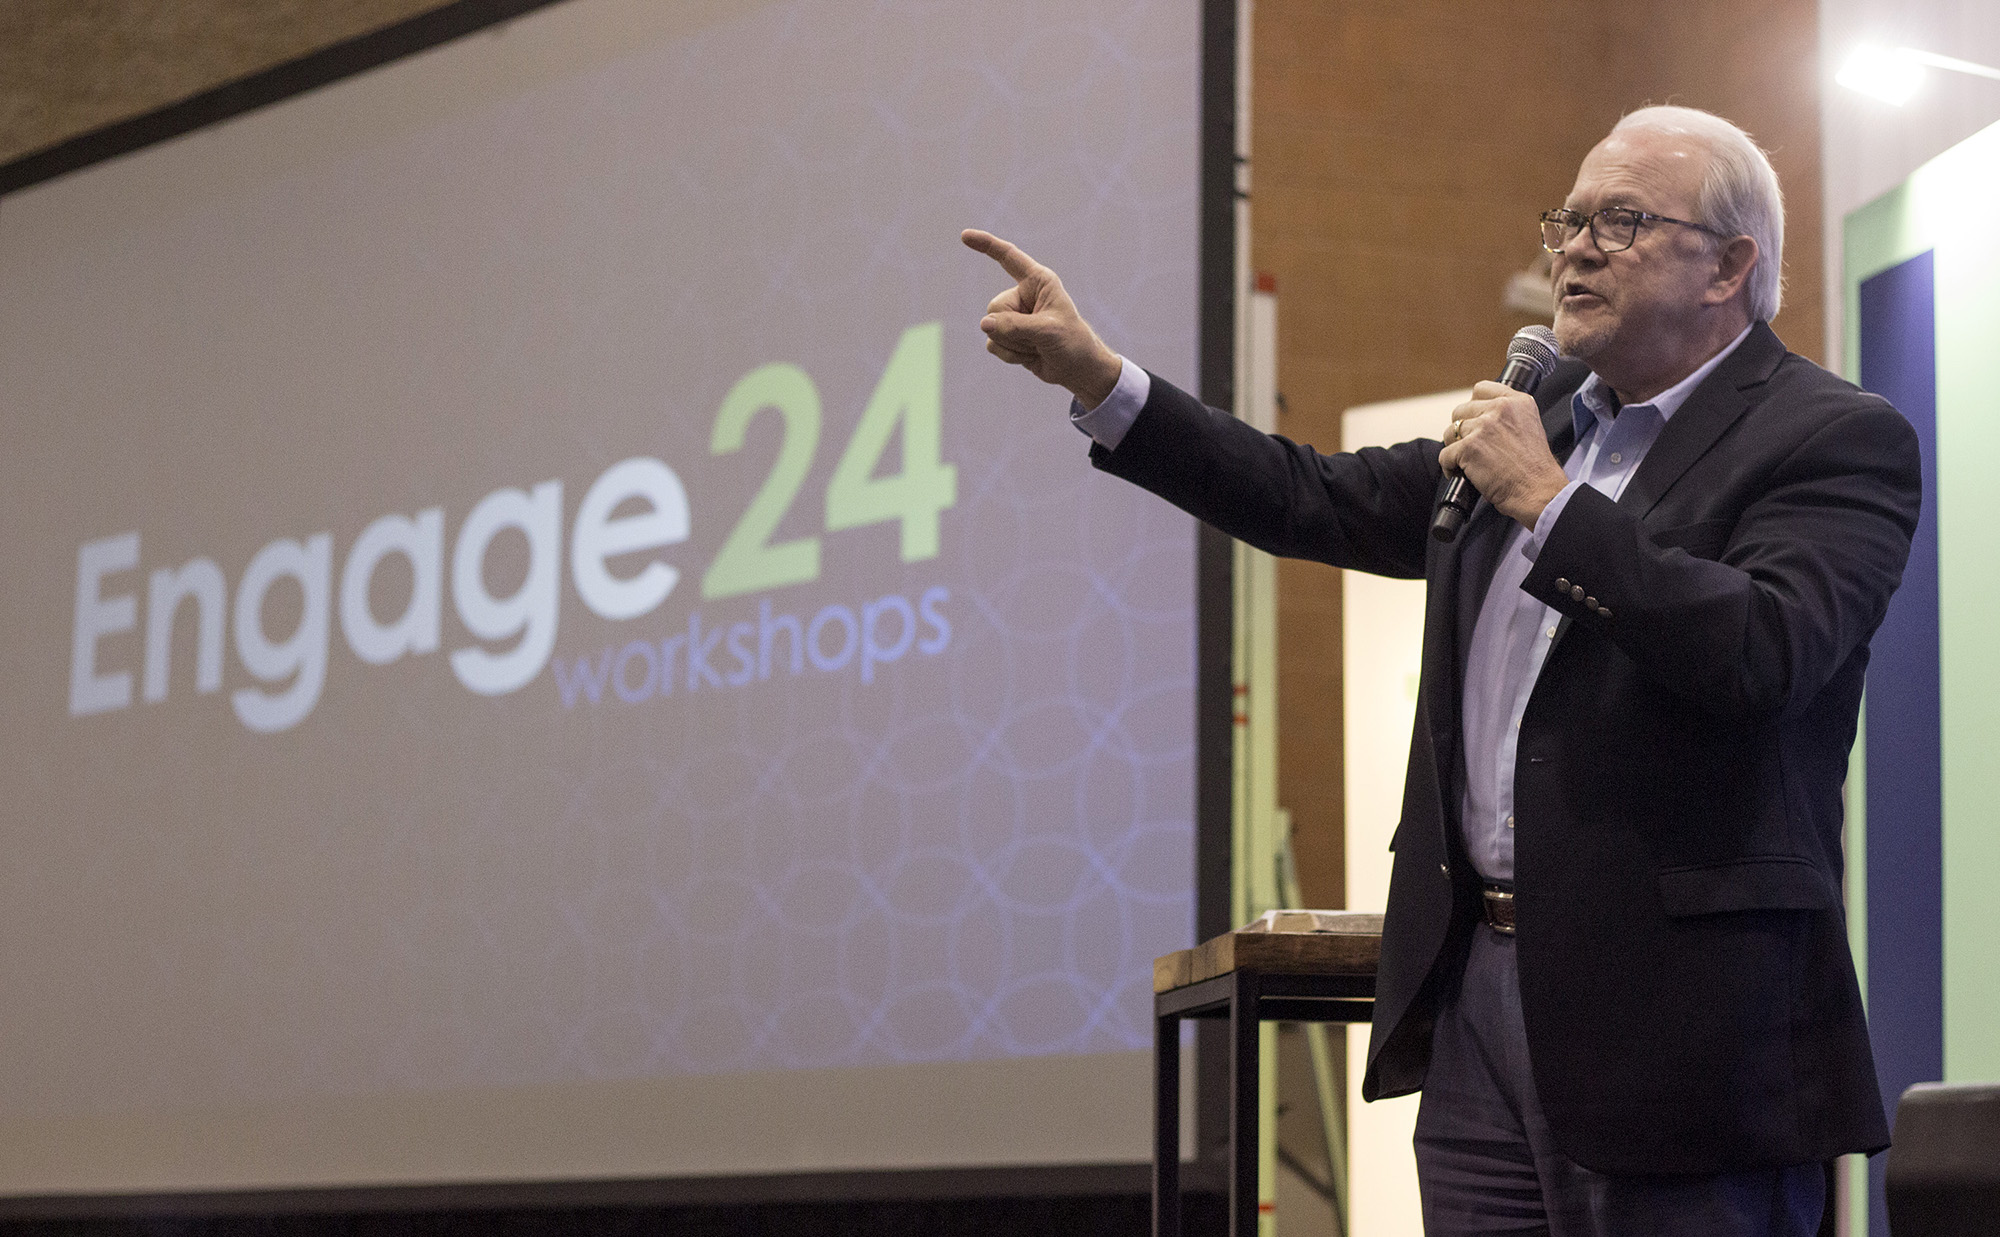 Engage 24